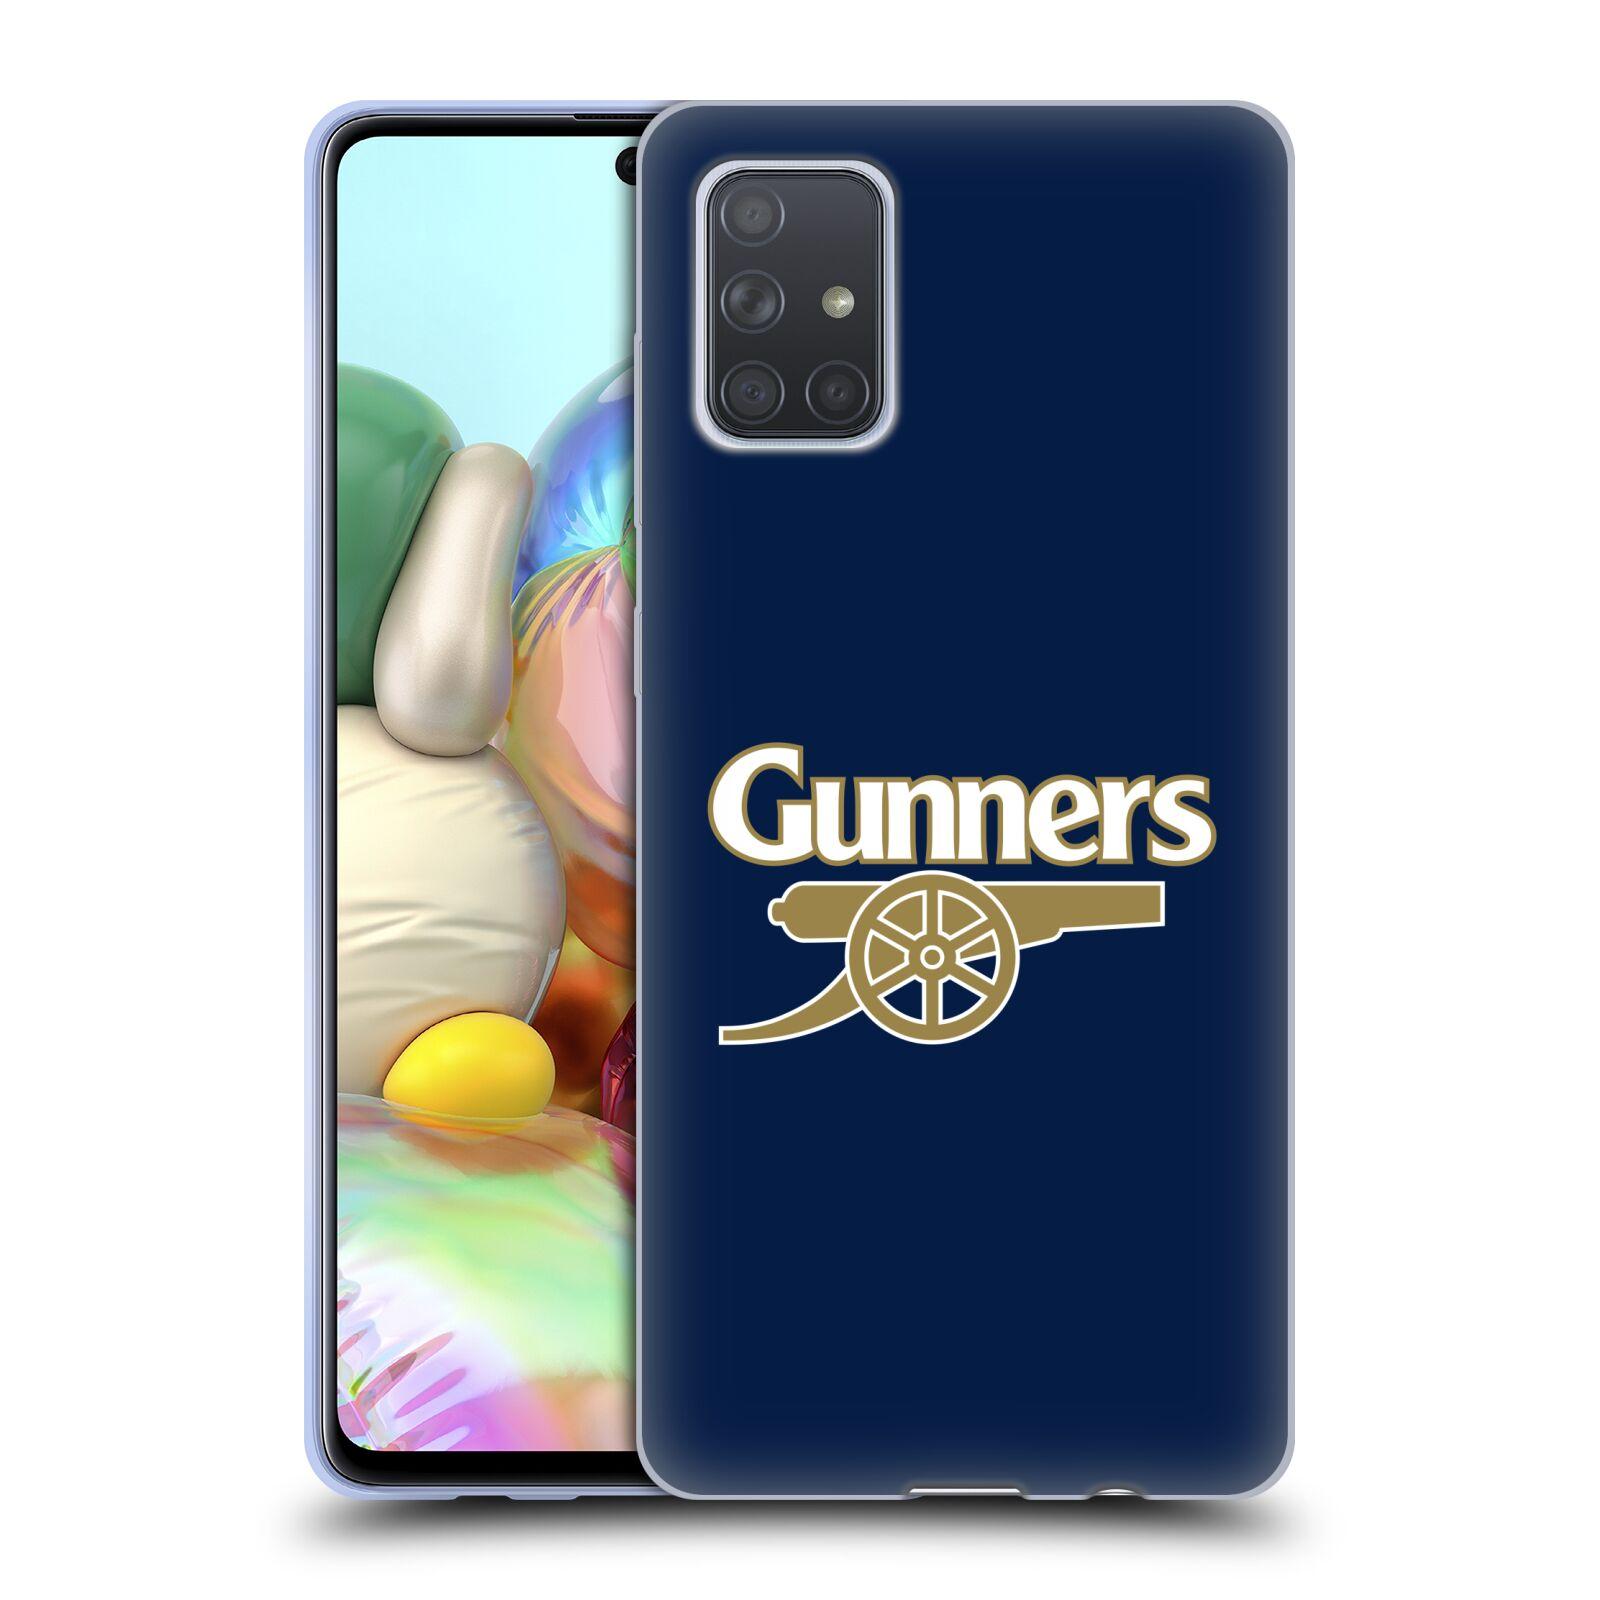 Silikonové pouzdro na mobil Samsung Galaxy A71 - Head Case - Arsenal FC - Gunners